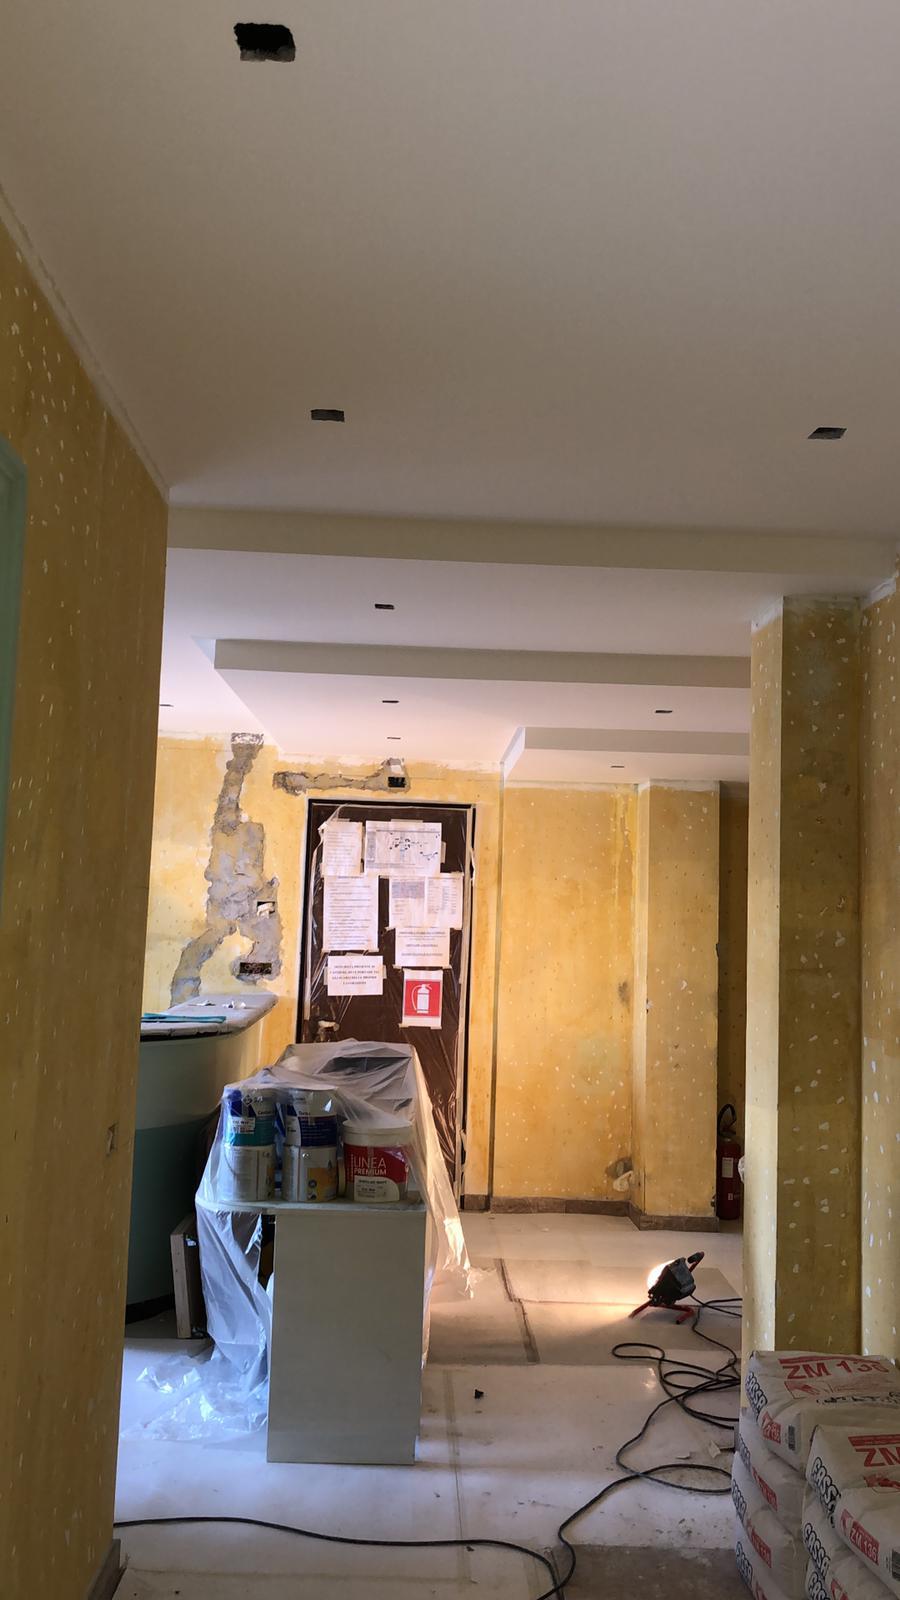 5. Preparazione superficie di pareti tramite piccozzatura per favorire l'aderenza: lavori in corso.